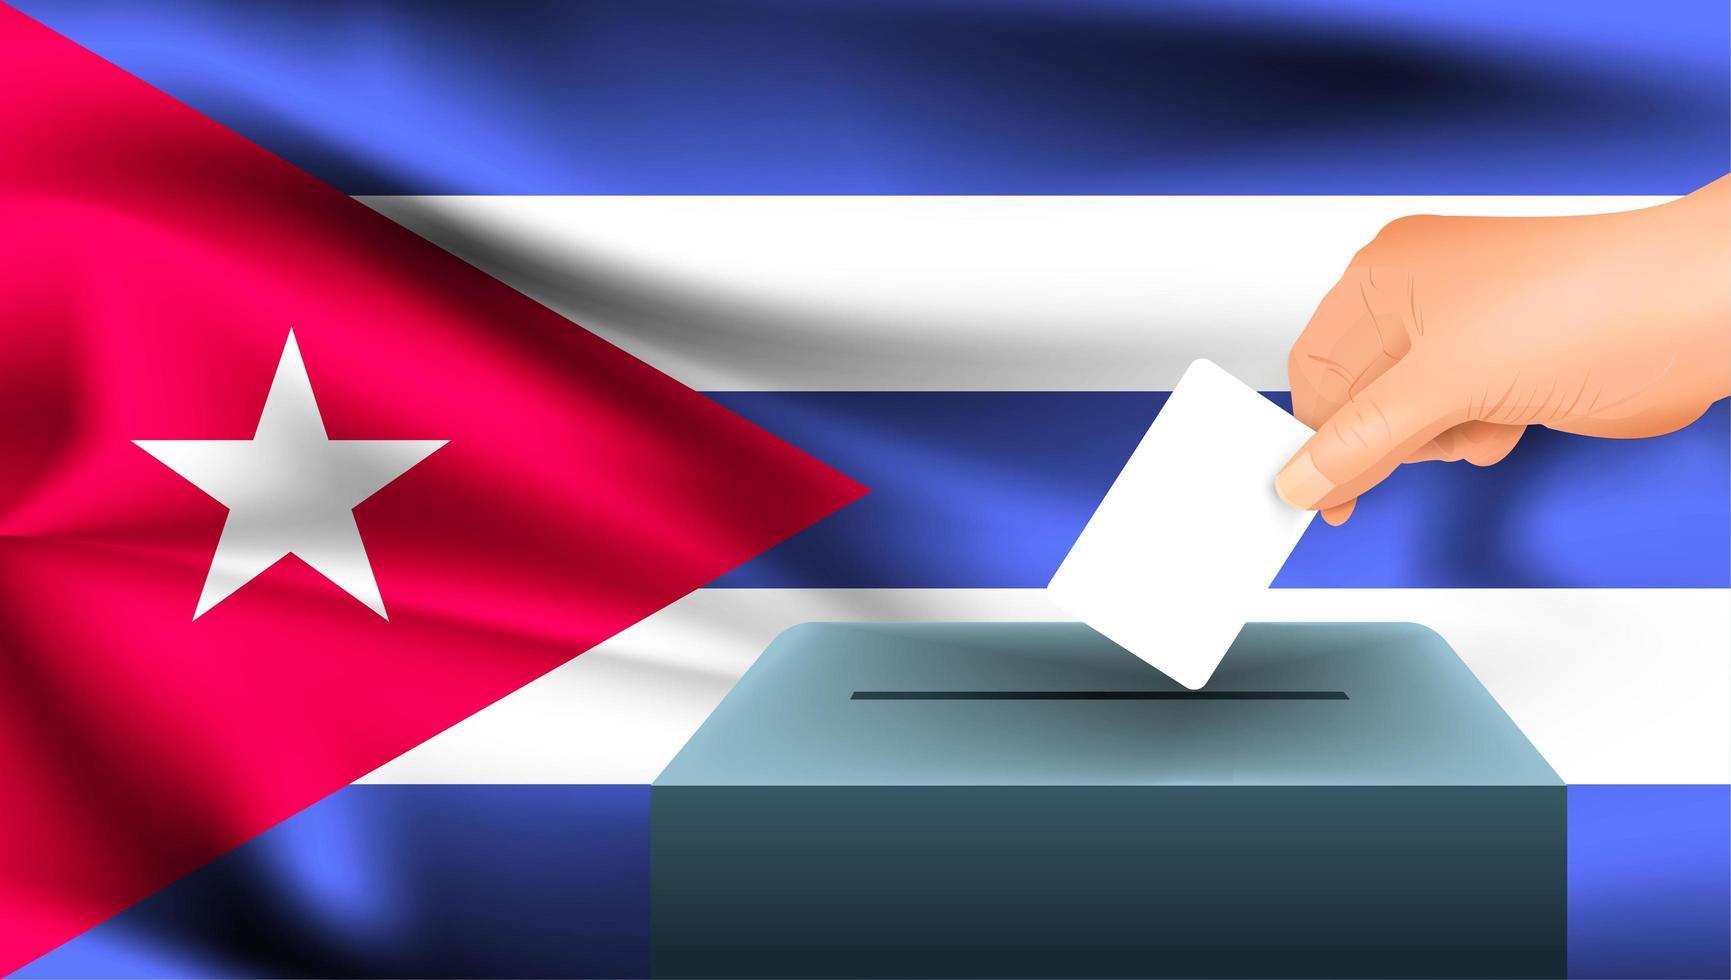 Mano poniendo papeleta en urna con bandera cubana vector